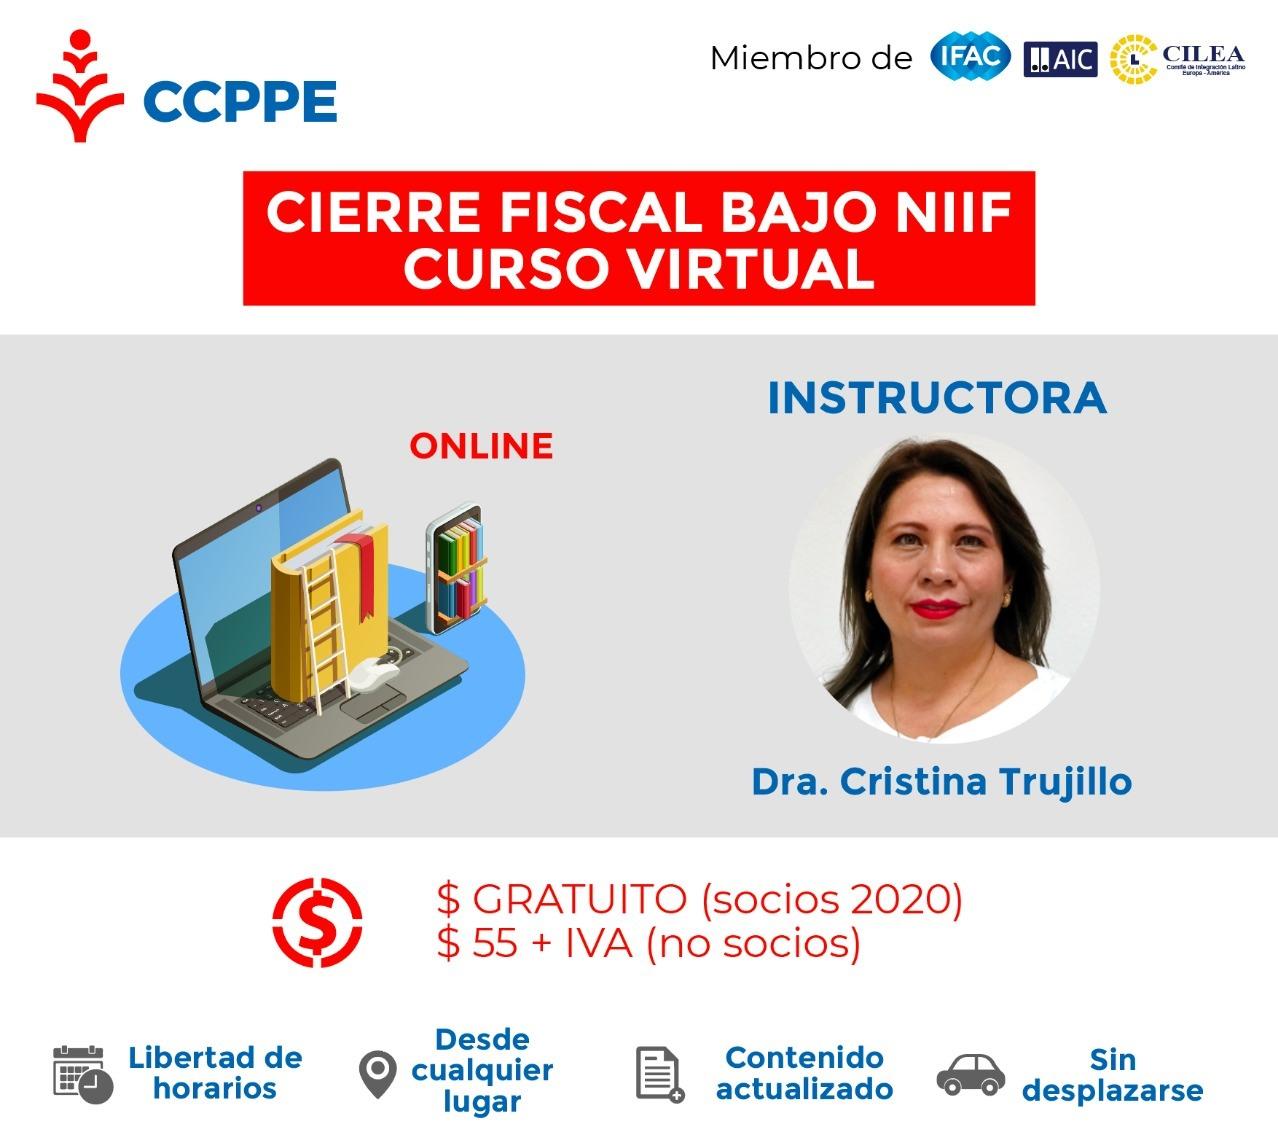 CURSO: CIERRE FISCAL BAJO NIIF - VIRTUAL MARZO 2020